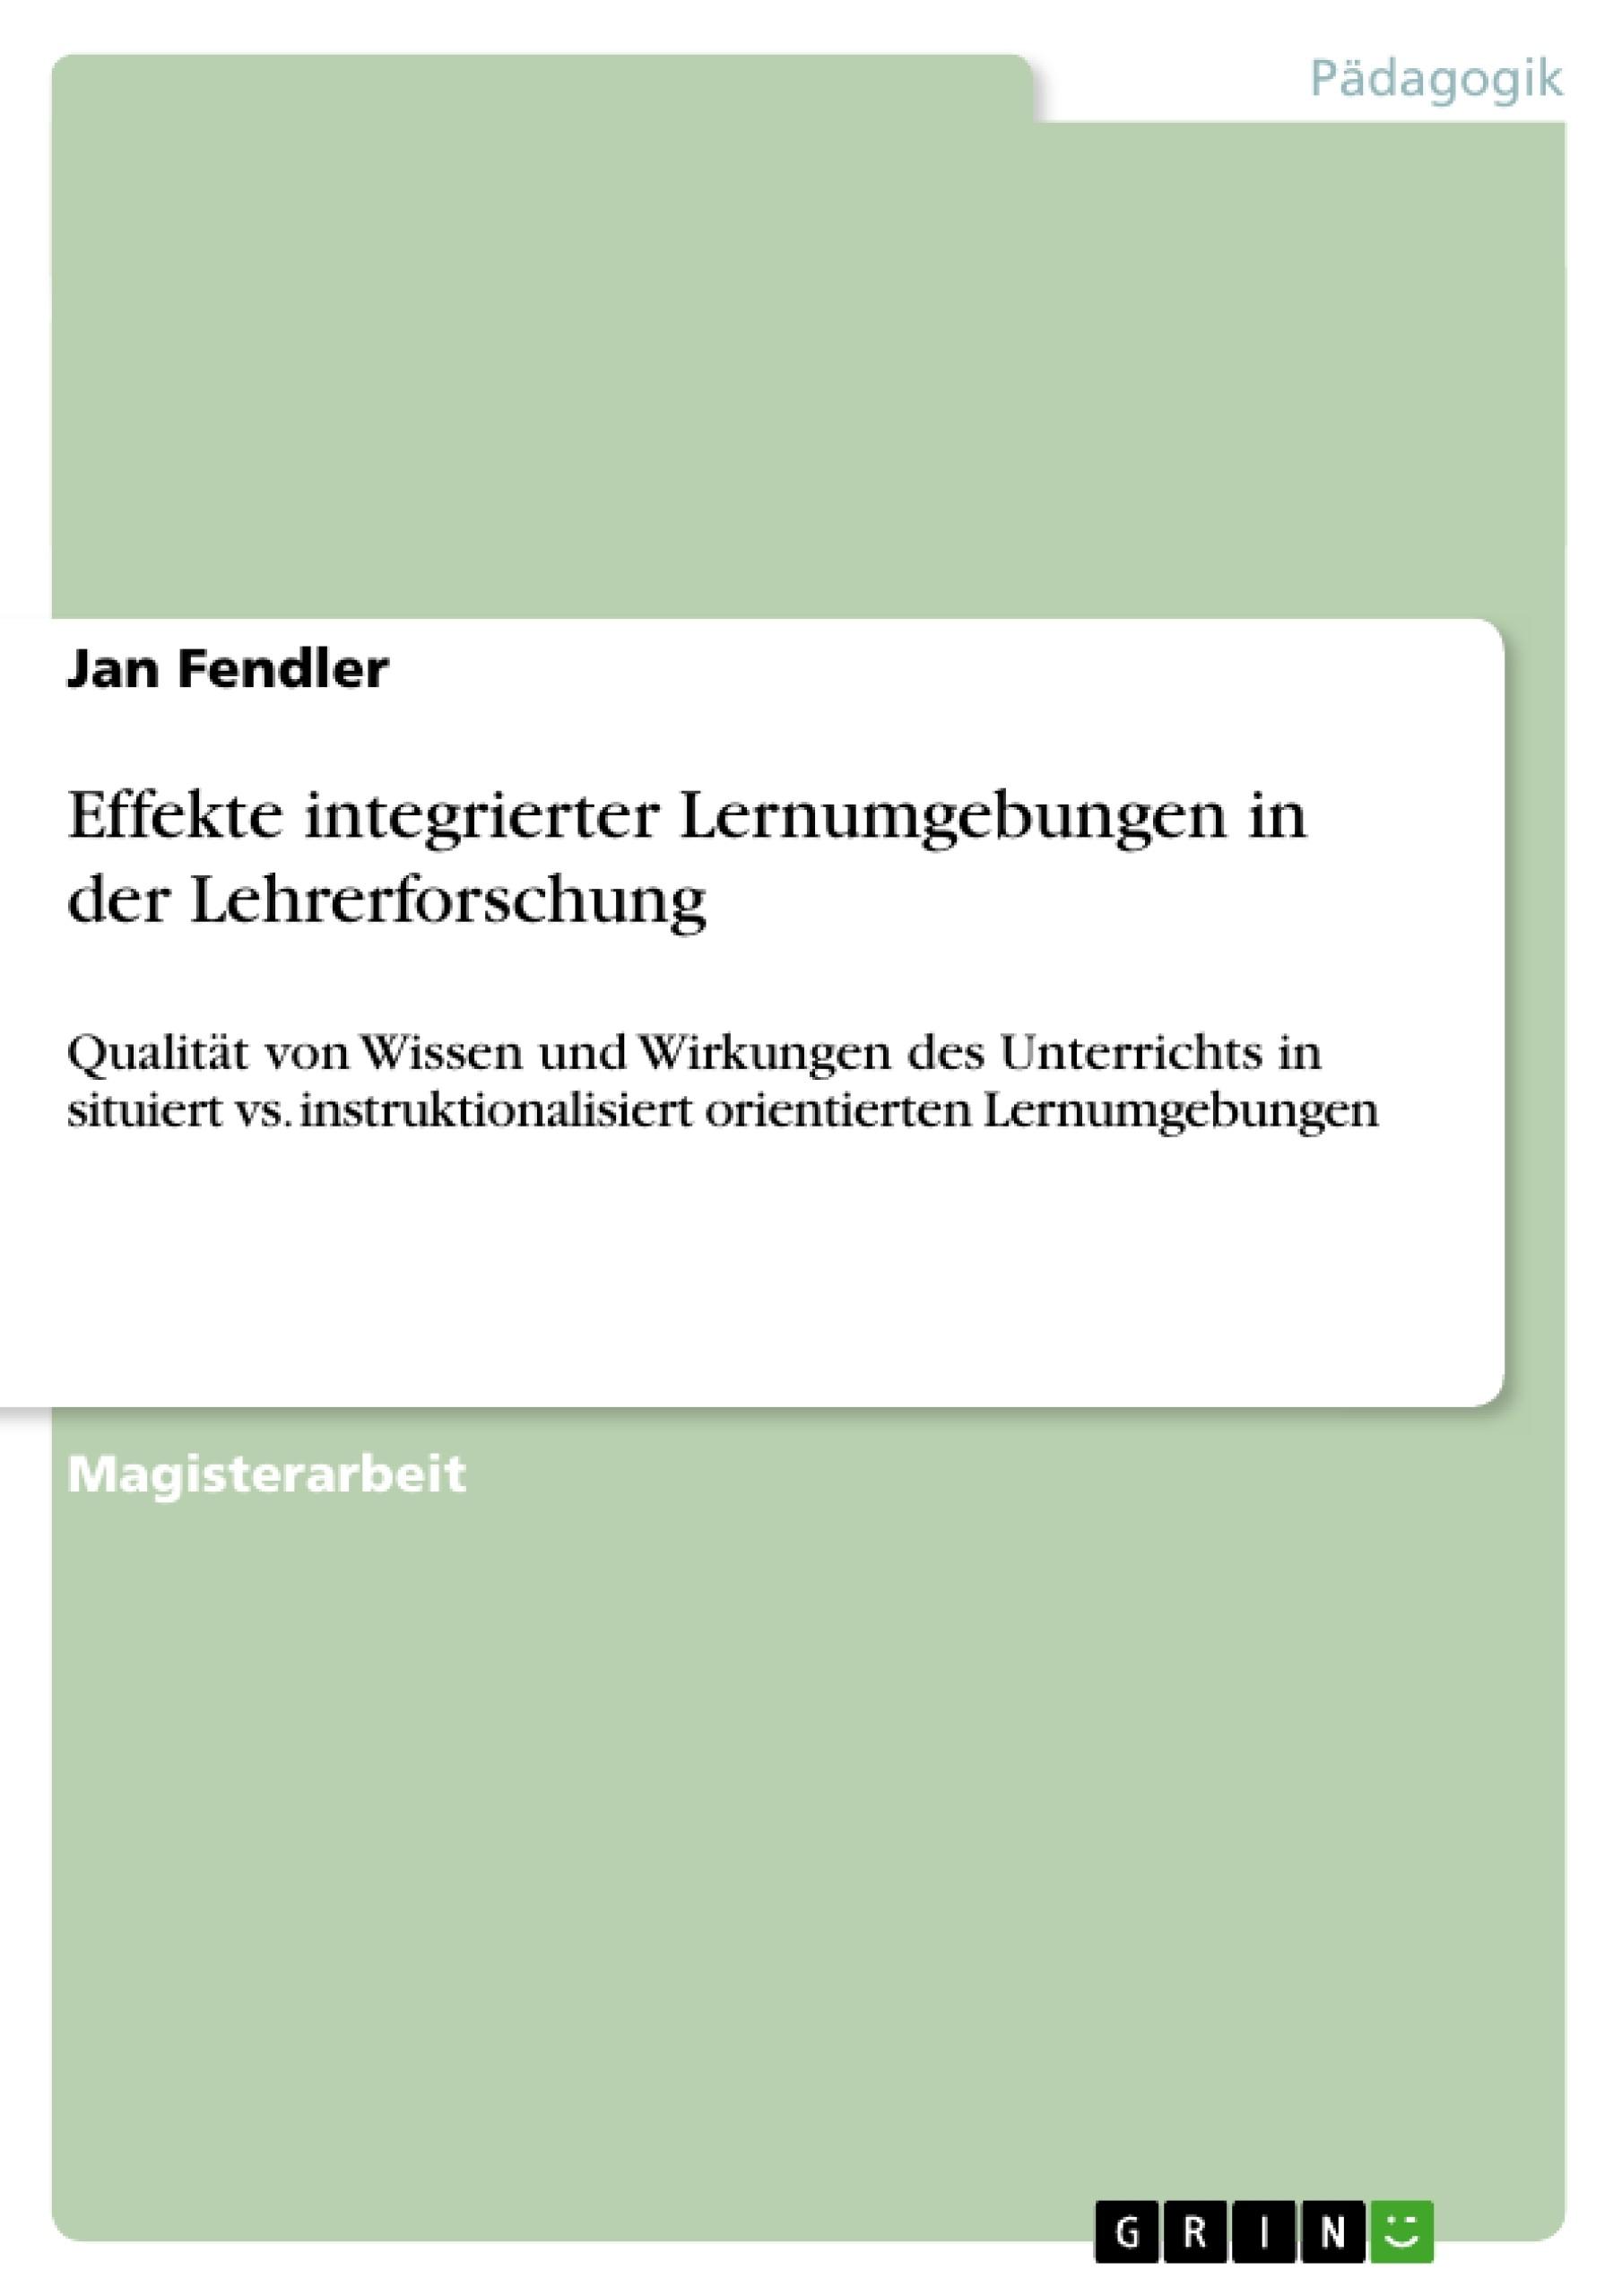 Titel: Effekte integrierter Lernumgebungen in der Lehrerforschung